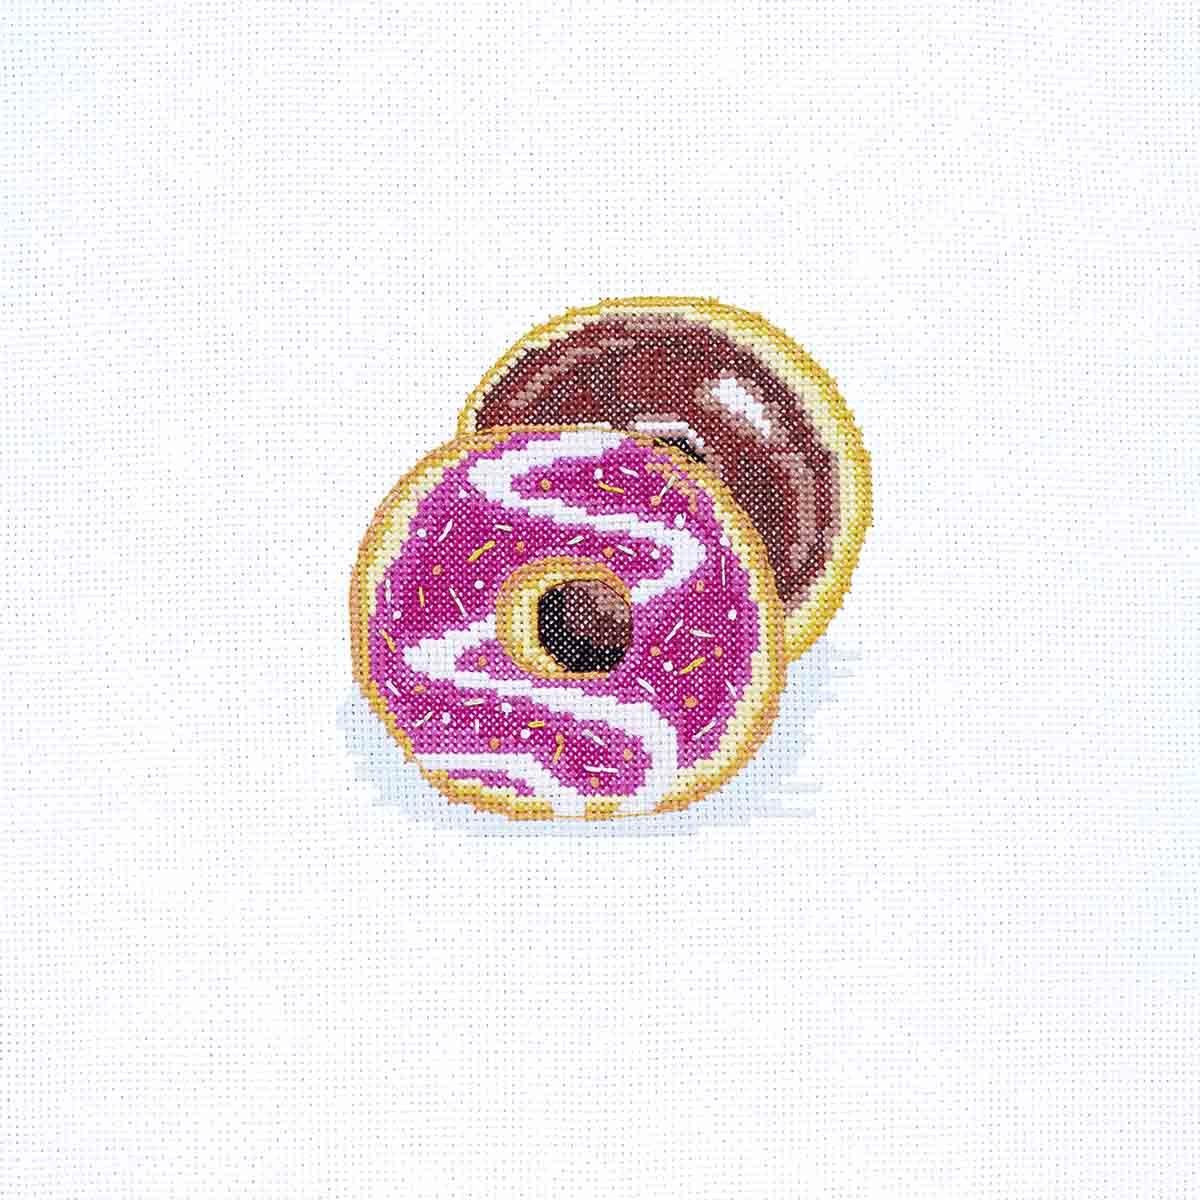 К-203 Набор для вышивания крестом Созвездие 'Пончики' 11*11см